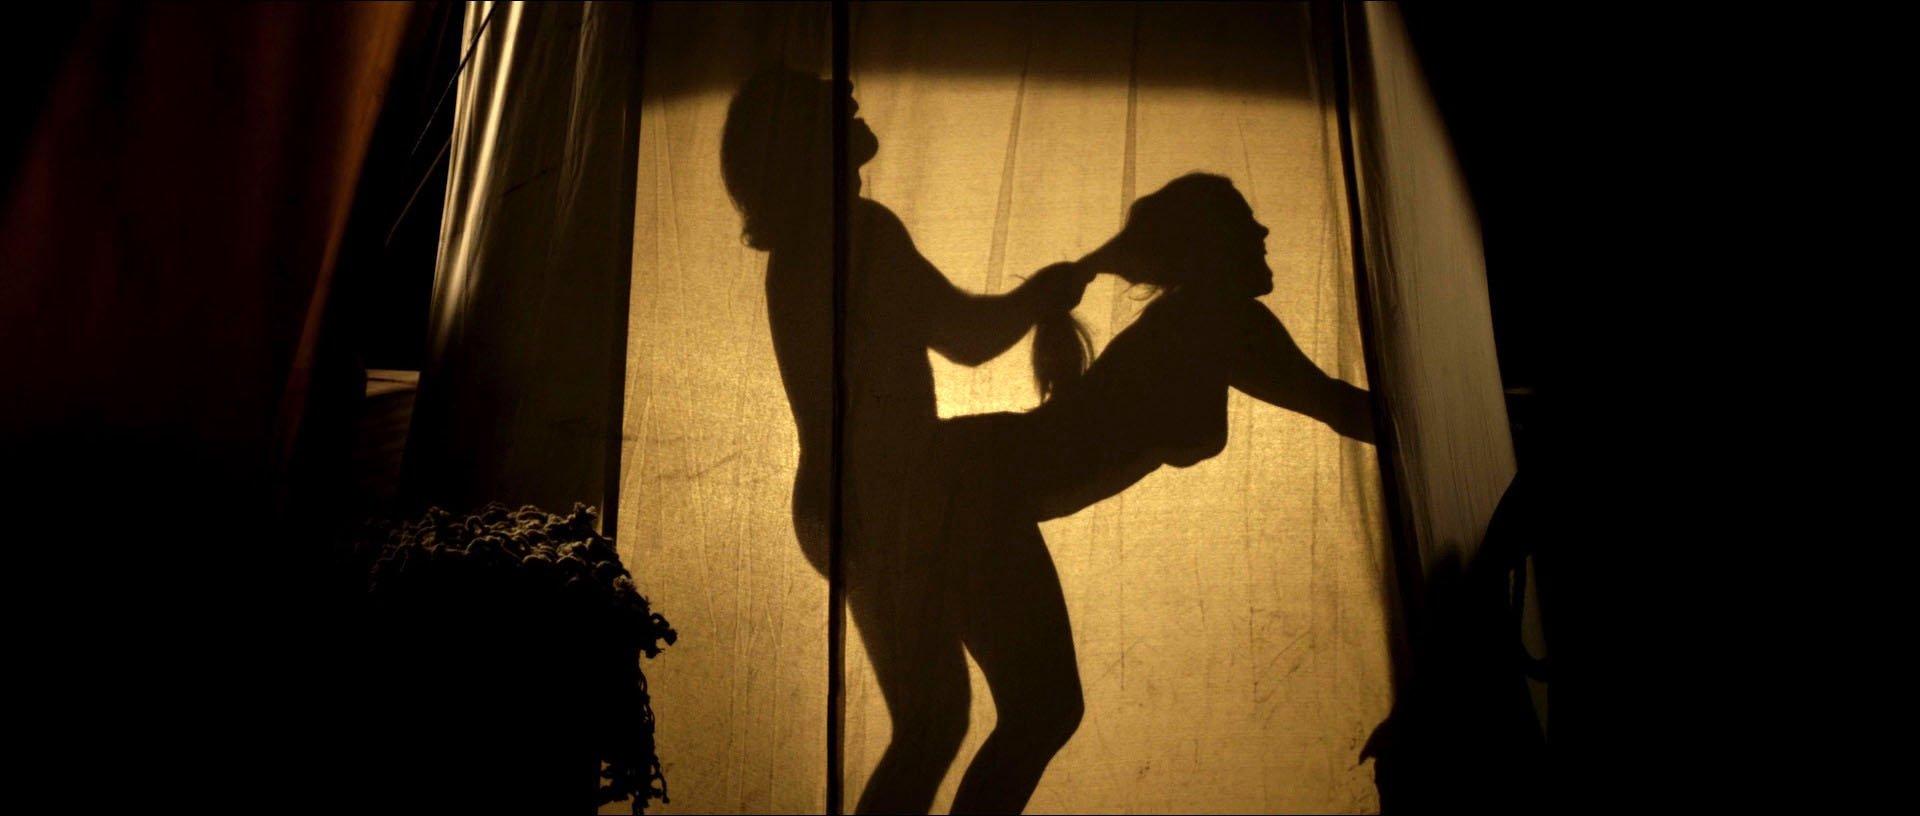 Carolina Bang nude - The Last Circus (2010)